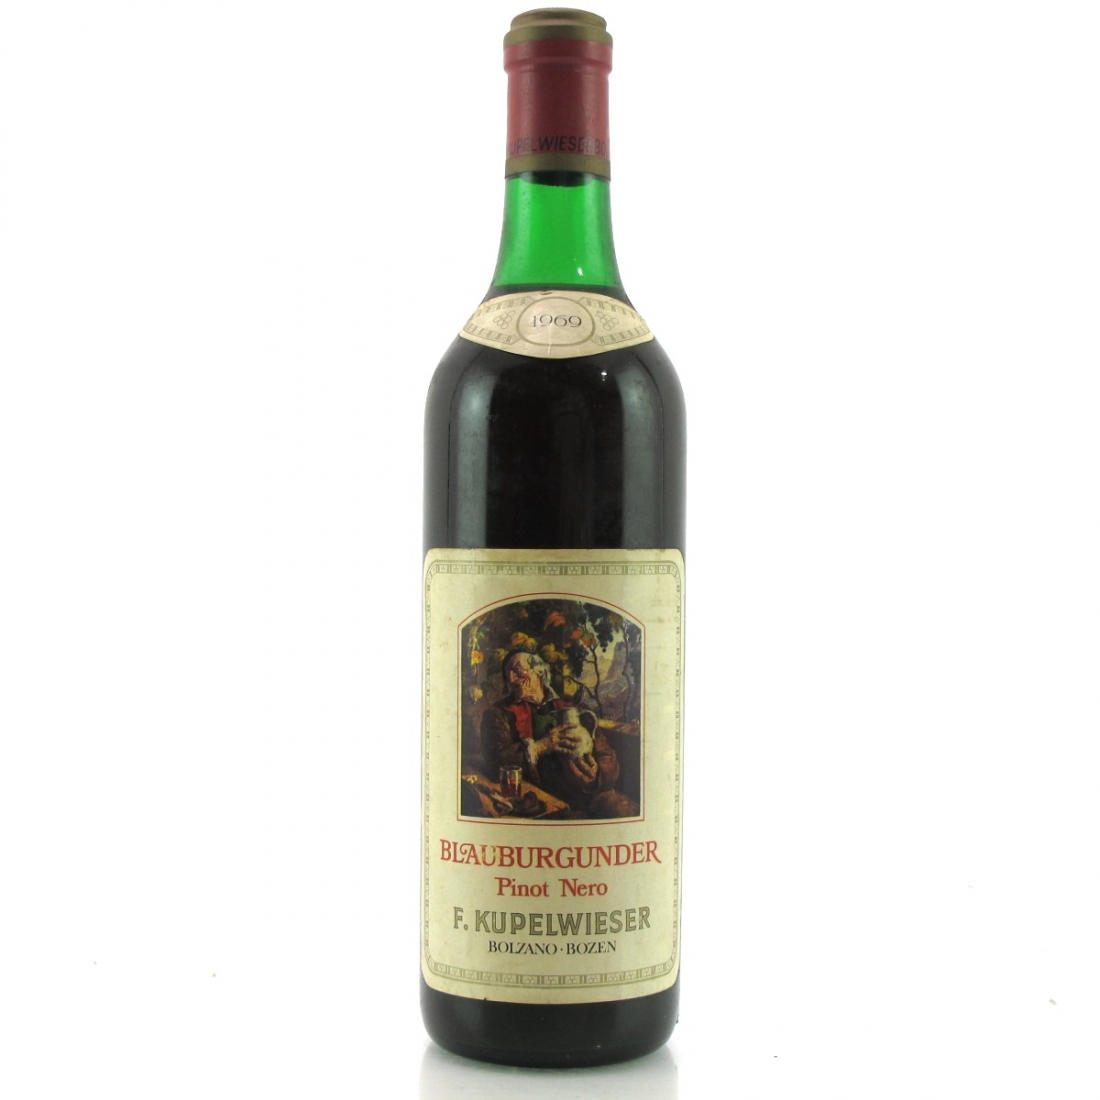 F.Kupelwieser Pinot Nero 1969 Alto Adige